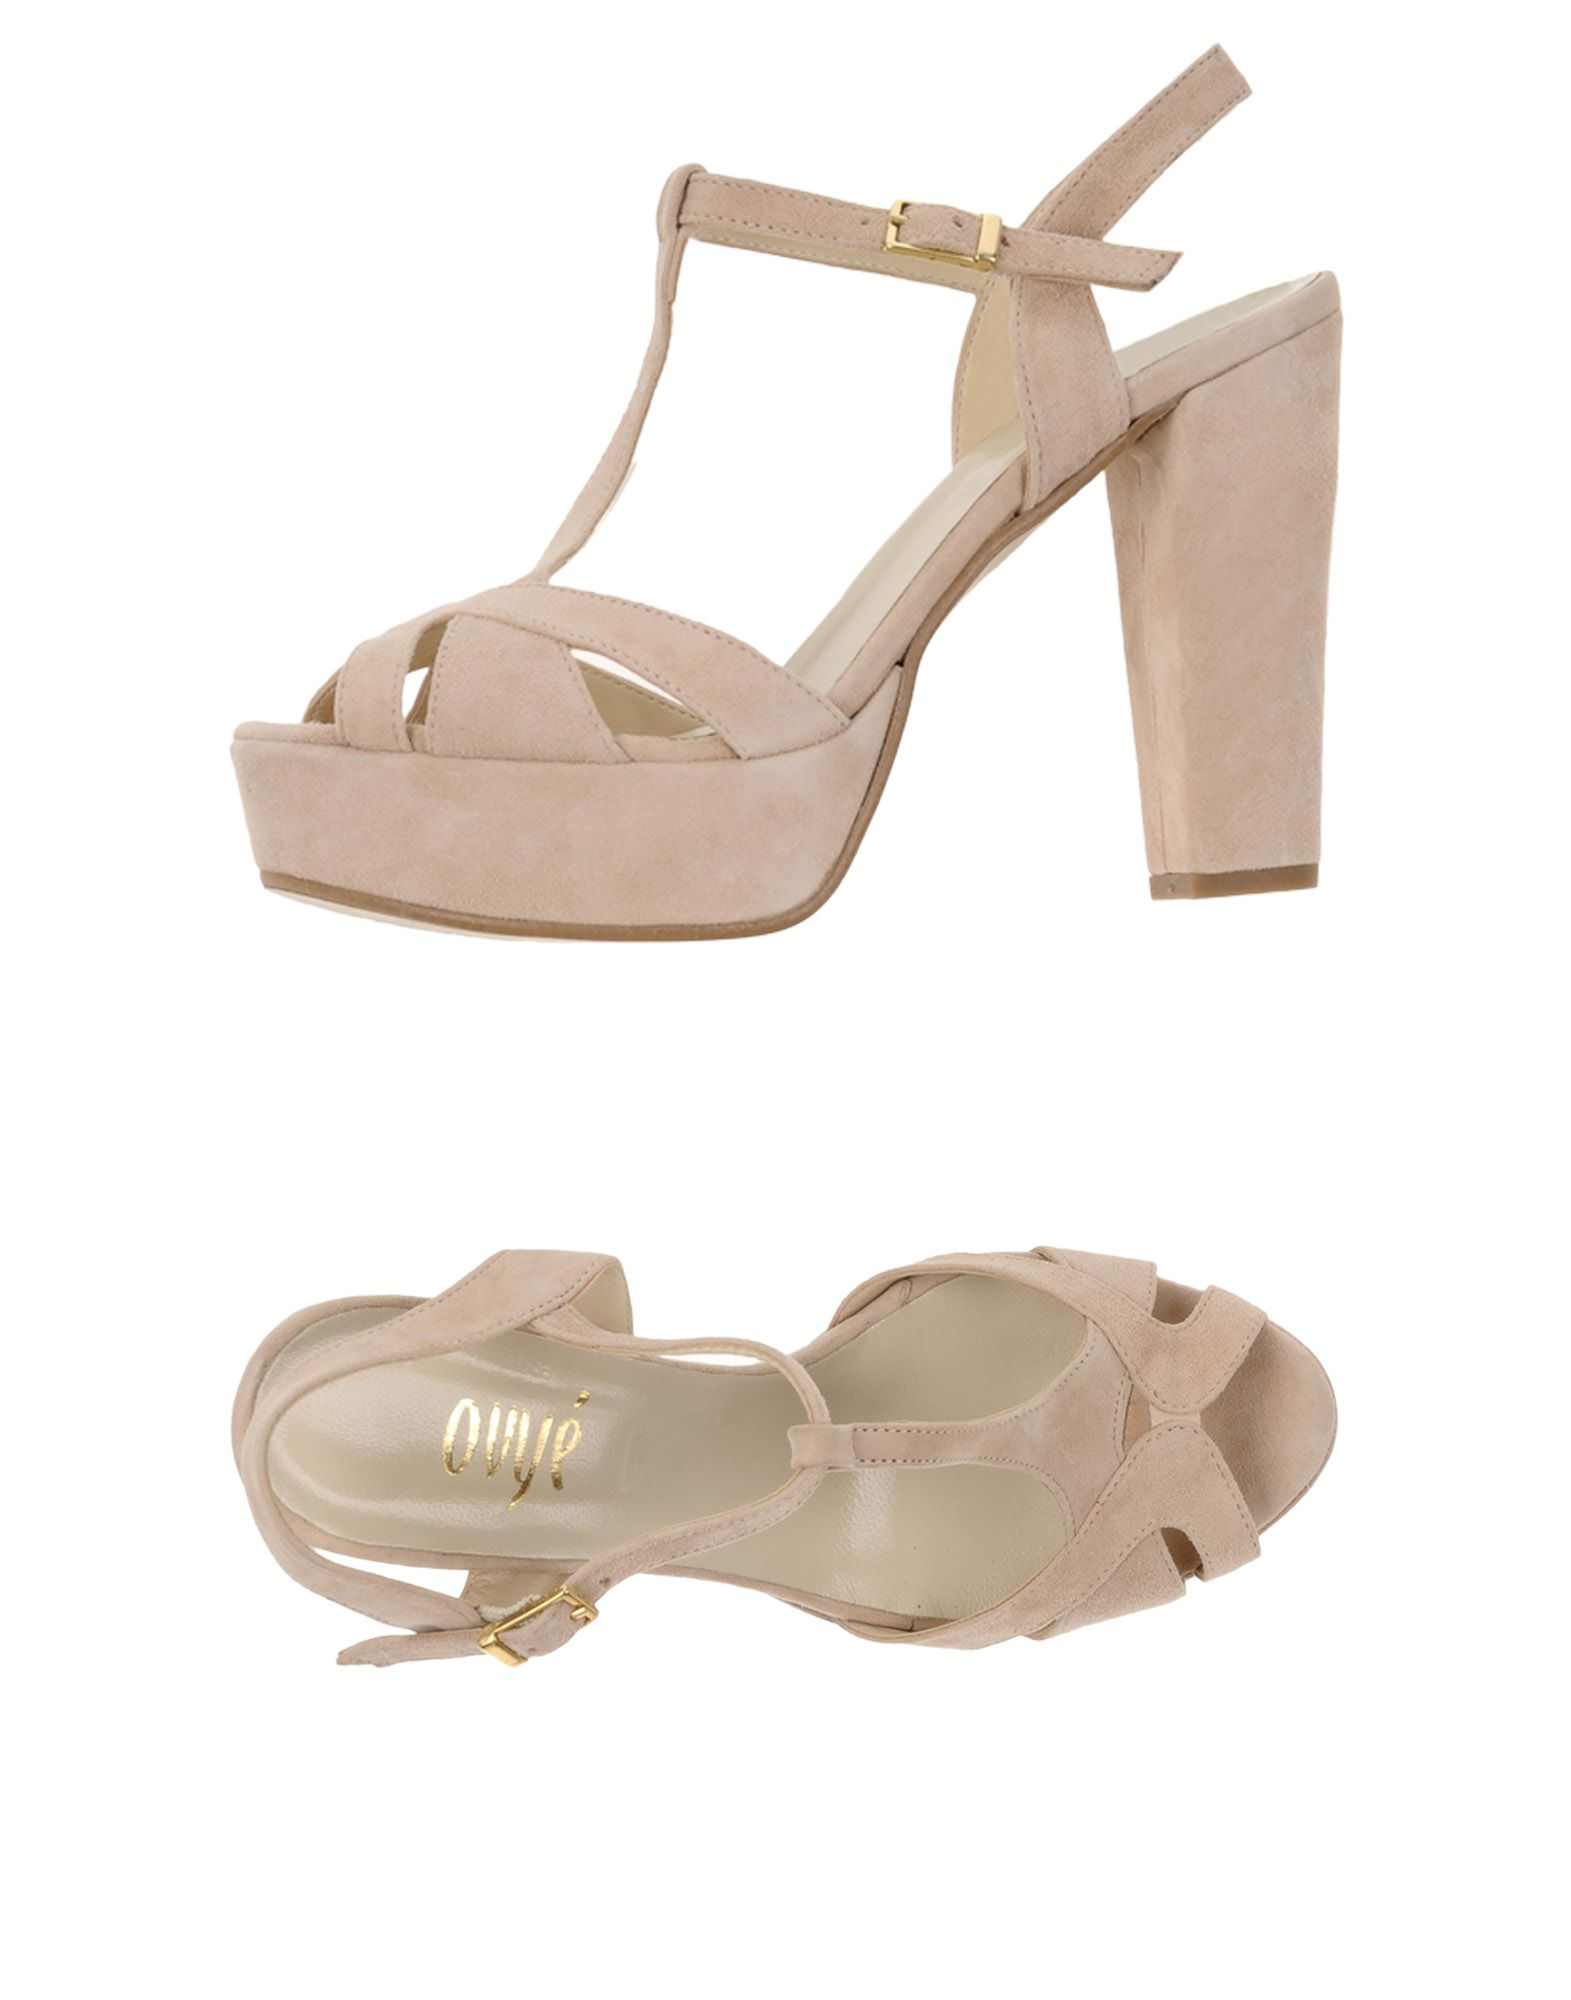 Ovye' By Cristina Lucchi Sandalen Damen  11312532EF Gute Qualität beliebte Schuhe